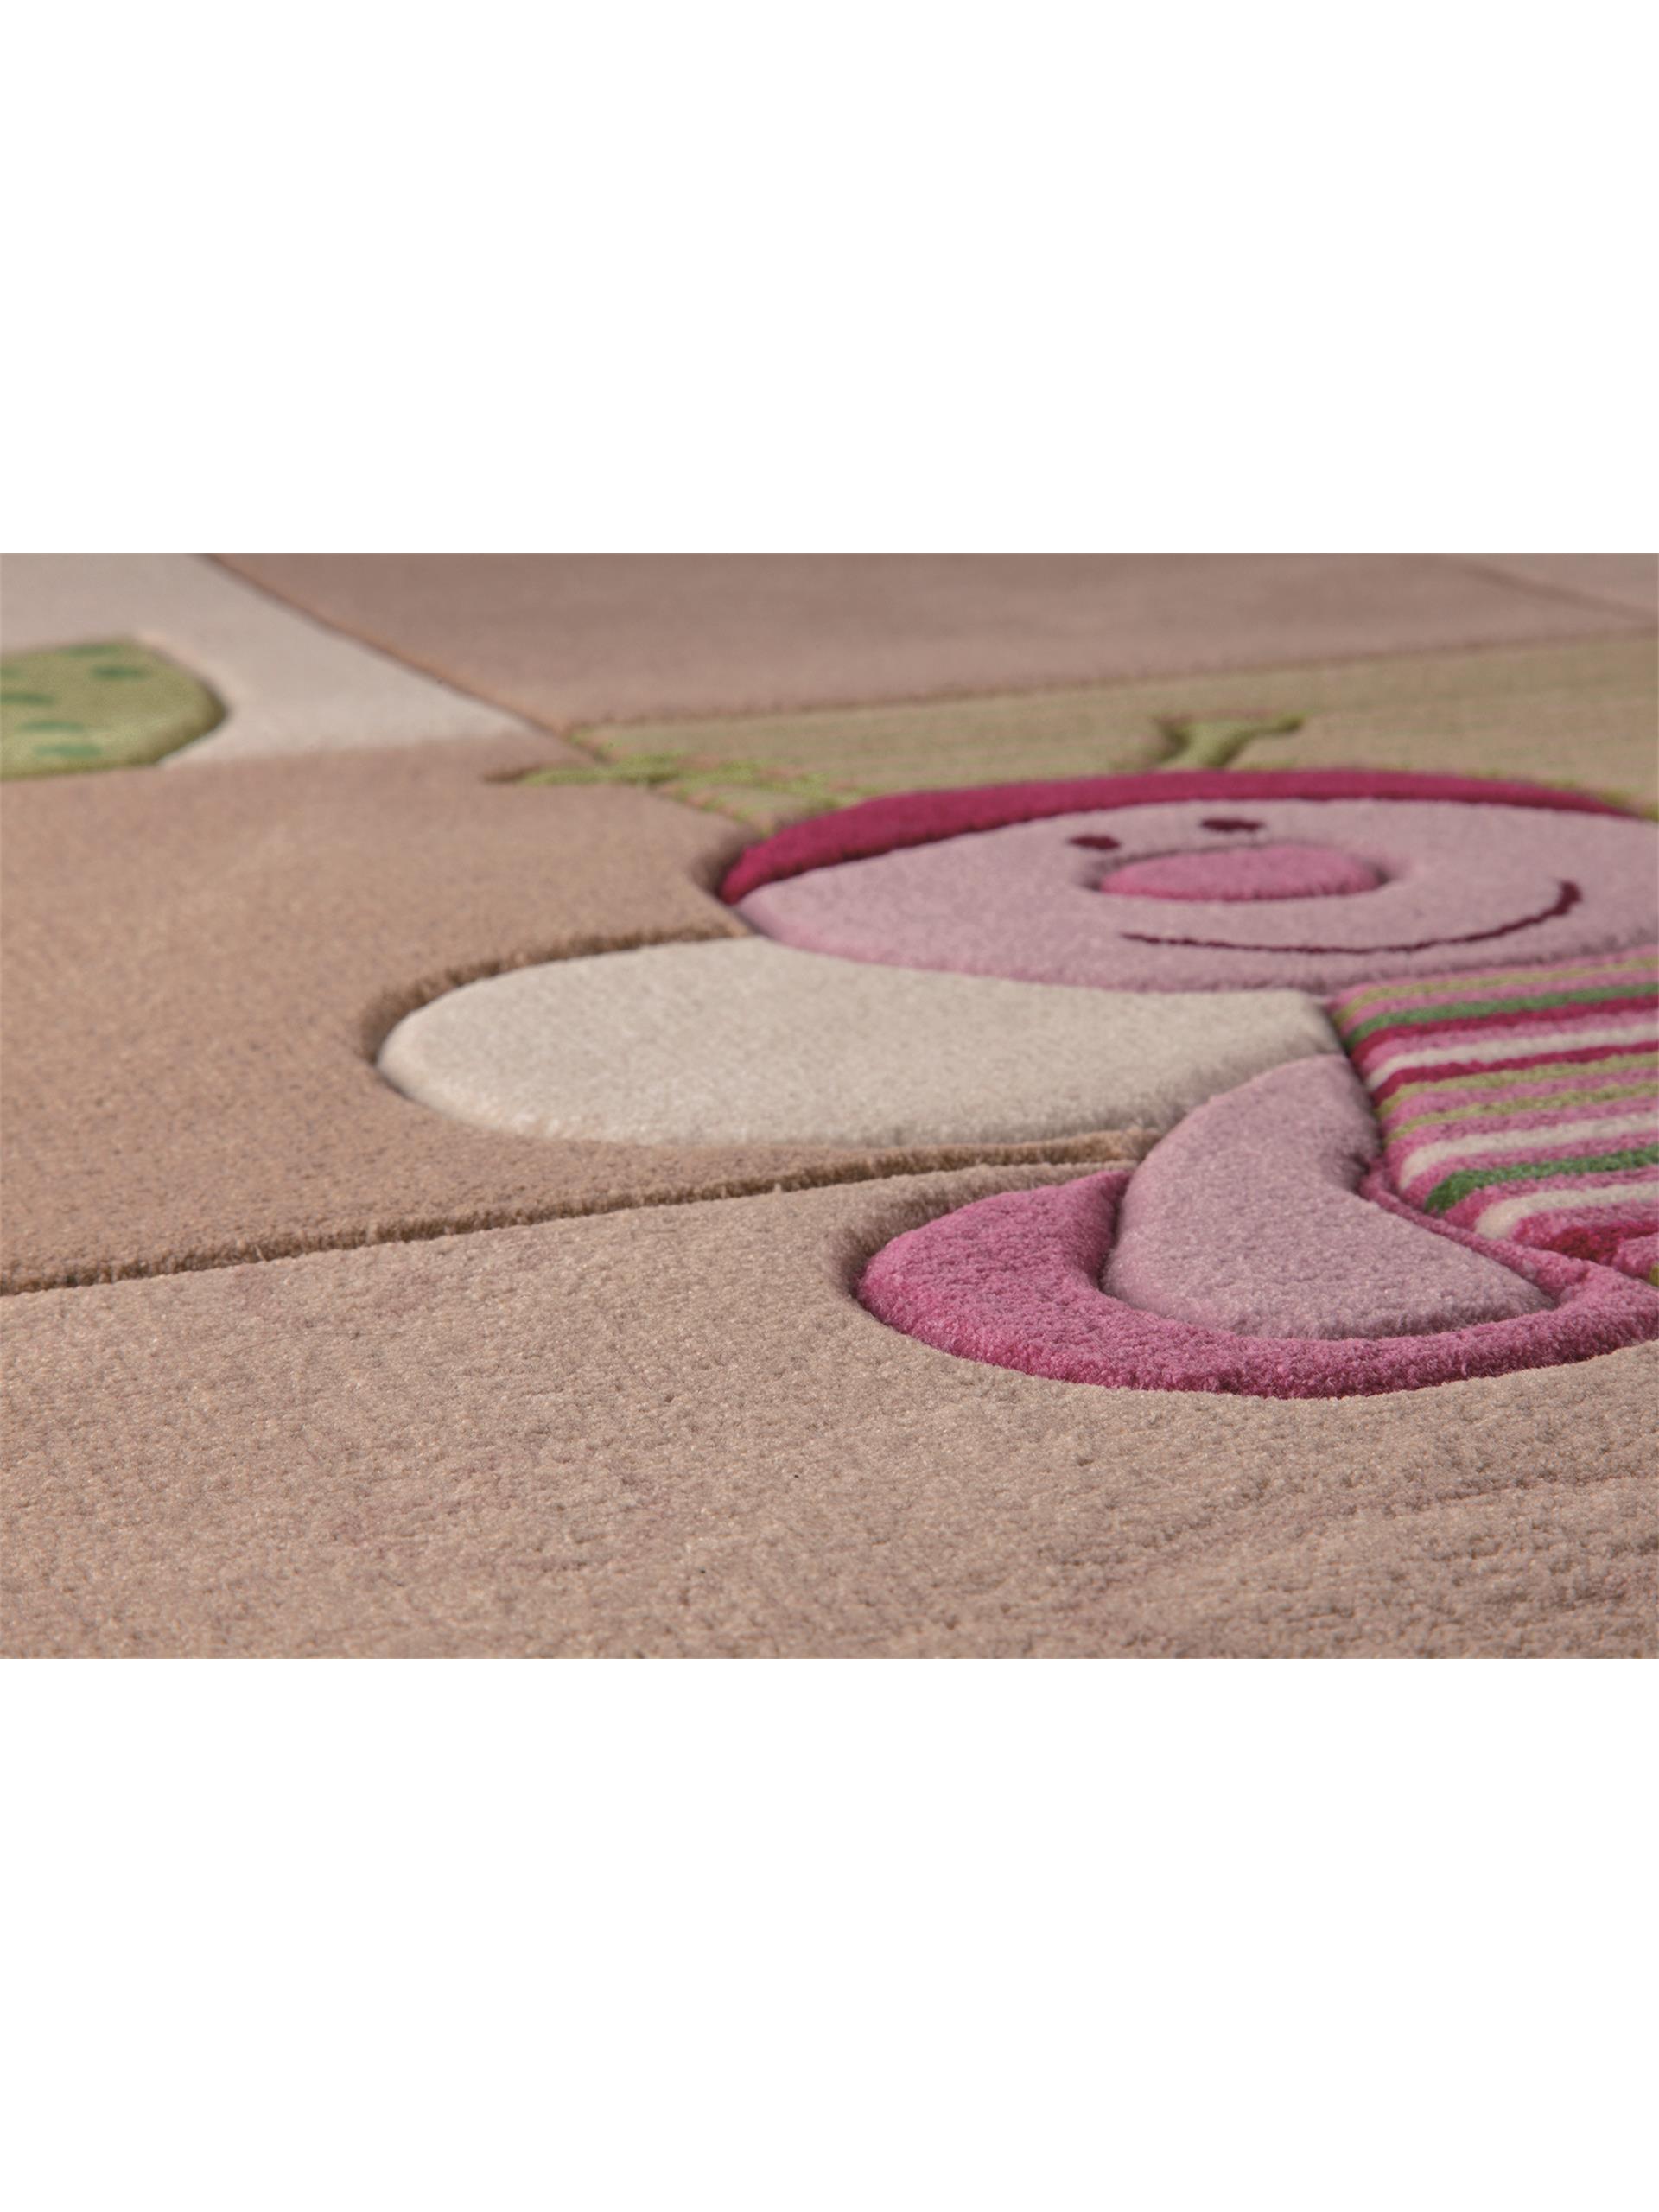 Esprit Kid's rug Bee Beige 70x140 cm